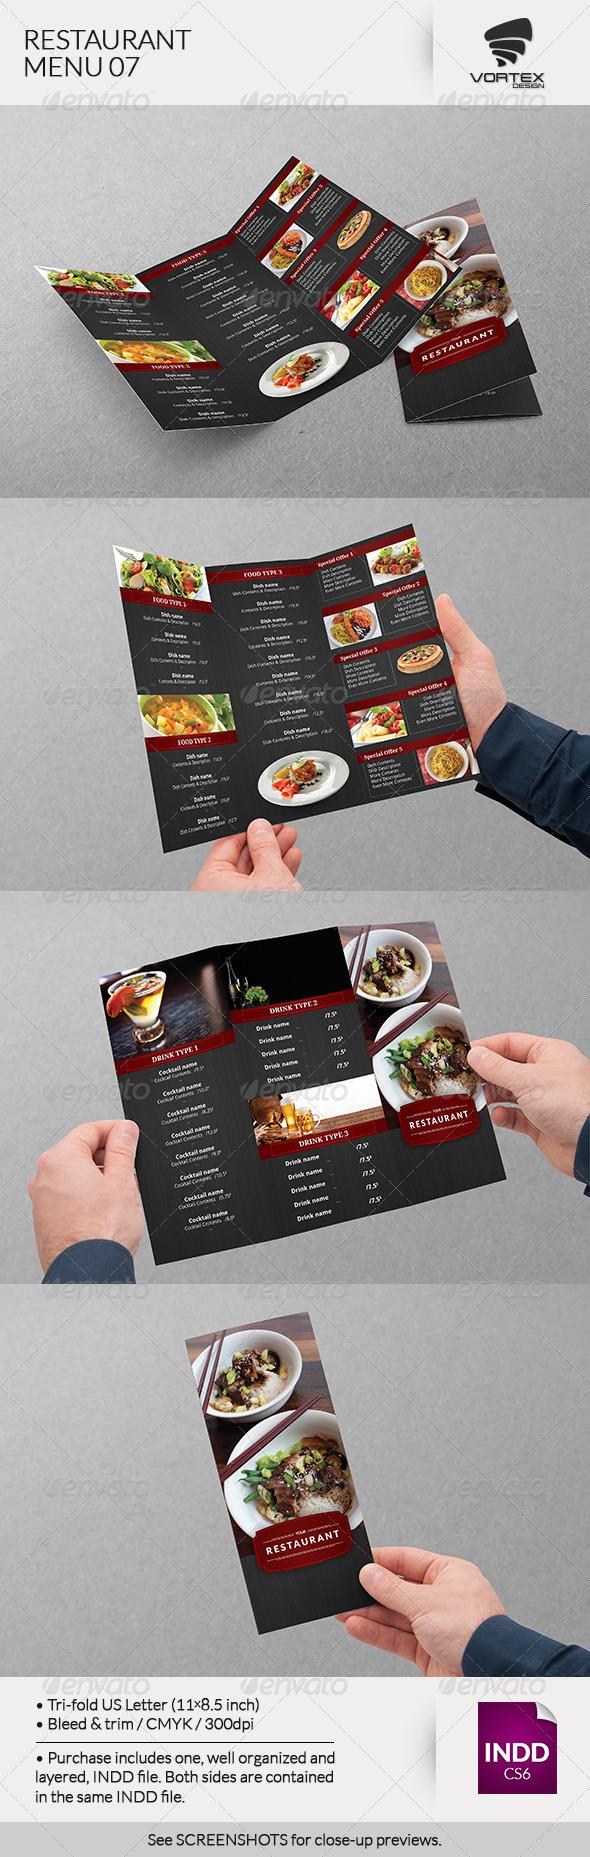 GraphicRiver Restaurant Menu 07 8069400